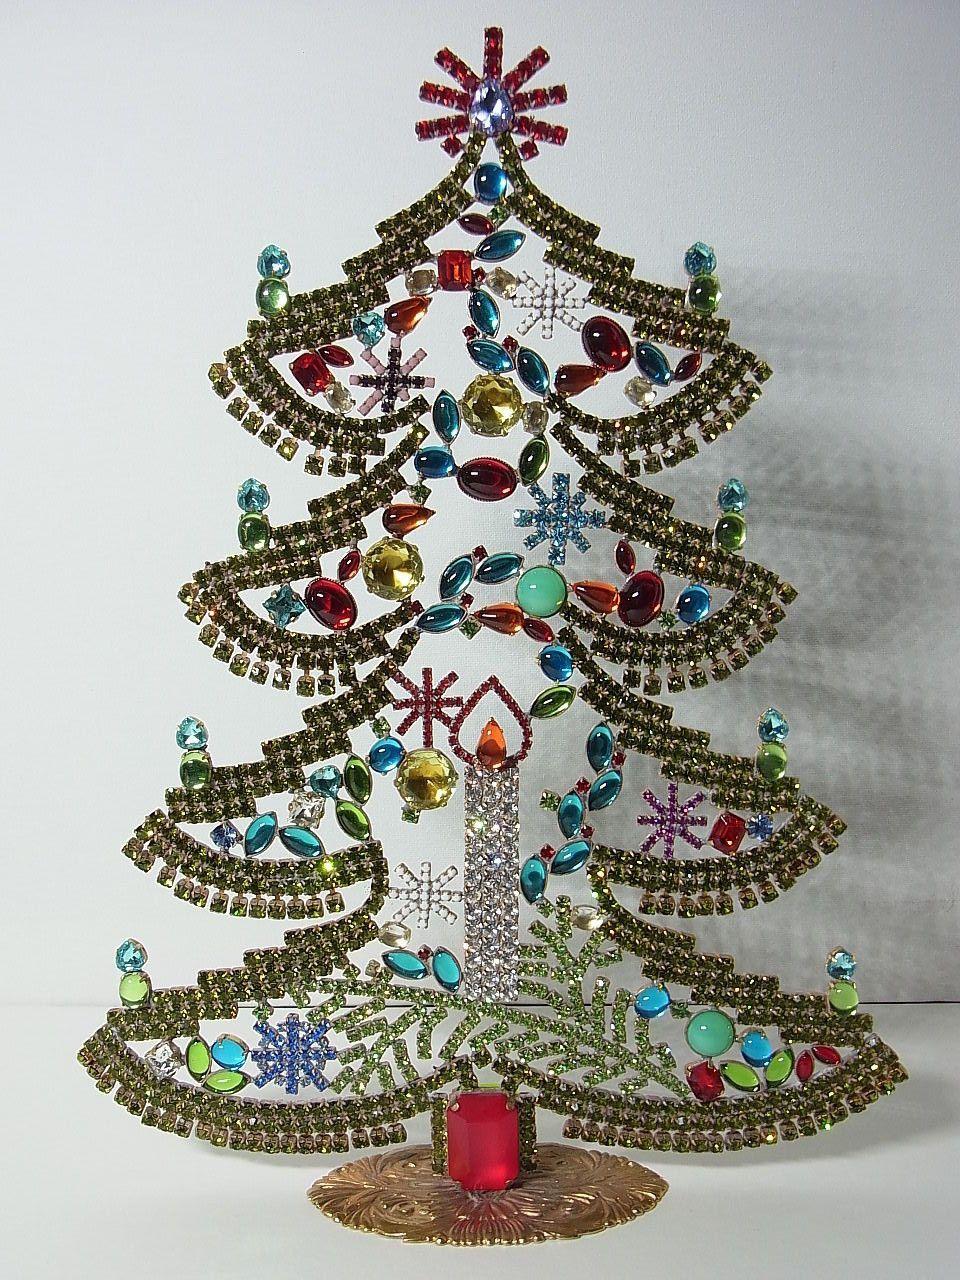 Ausgezeichnet Draht 6 Ft Weihnachtsbaum Fotos - Die Besten ...